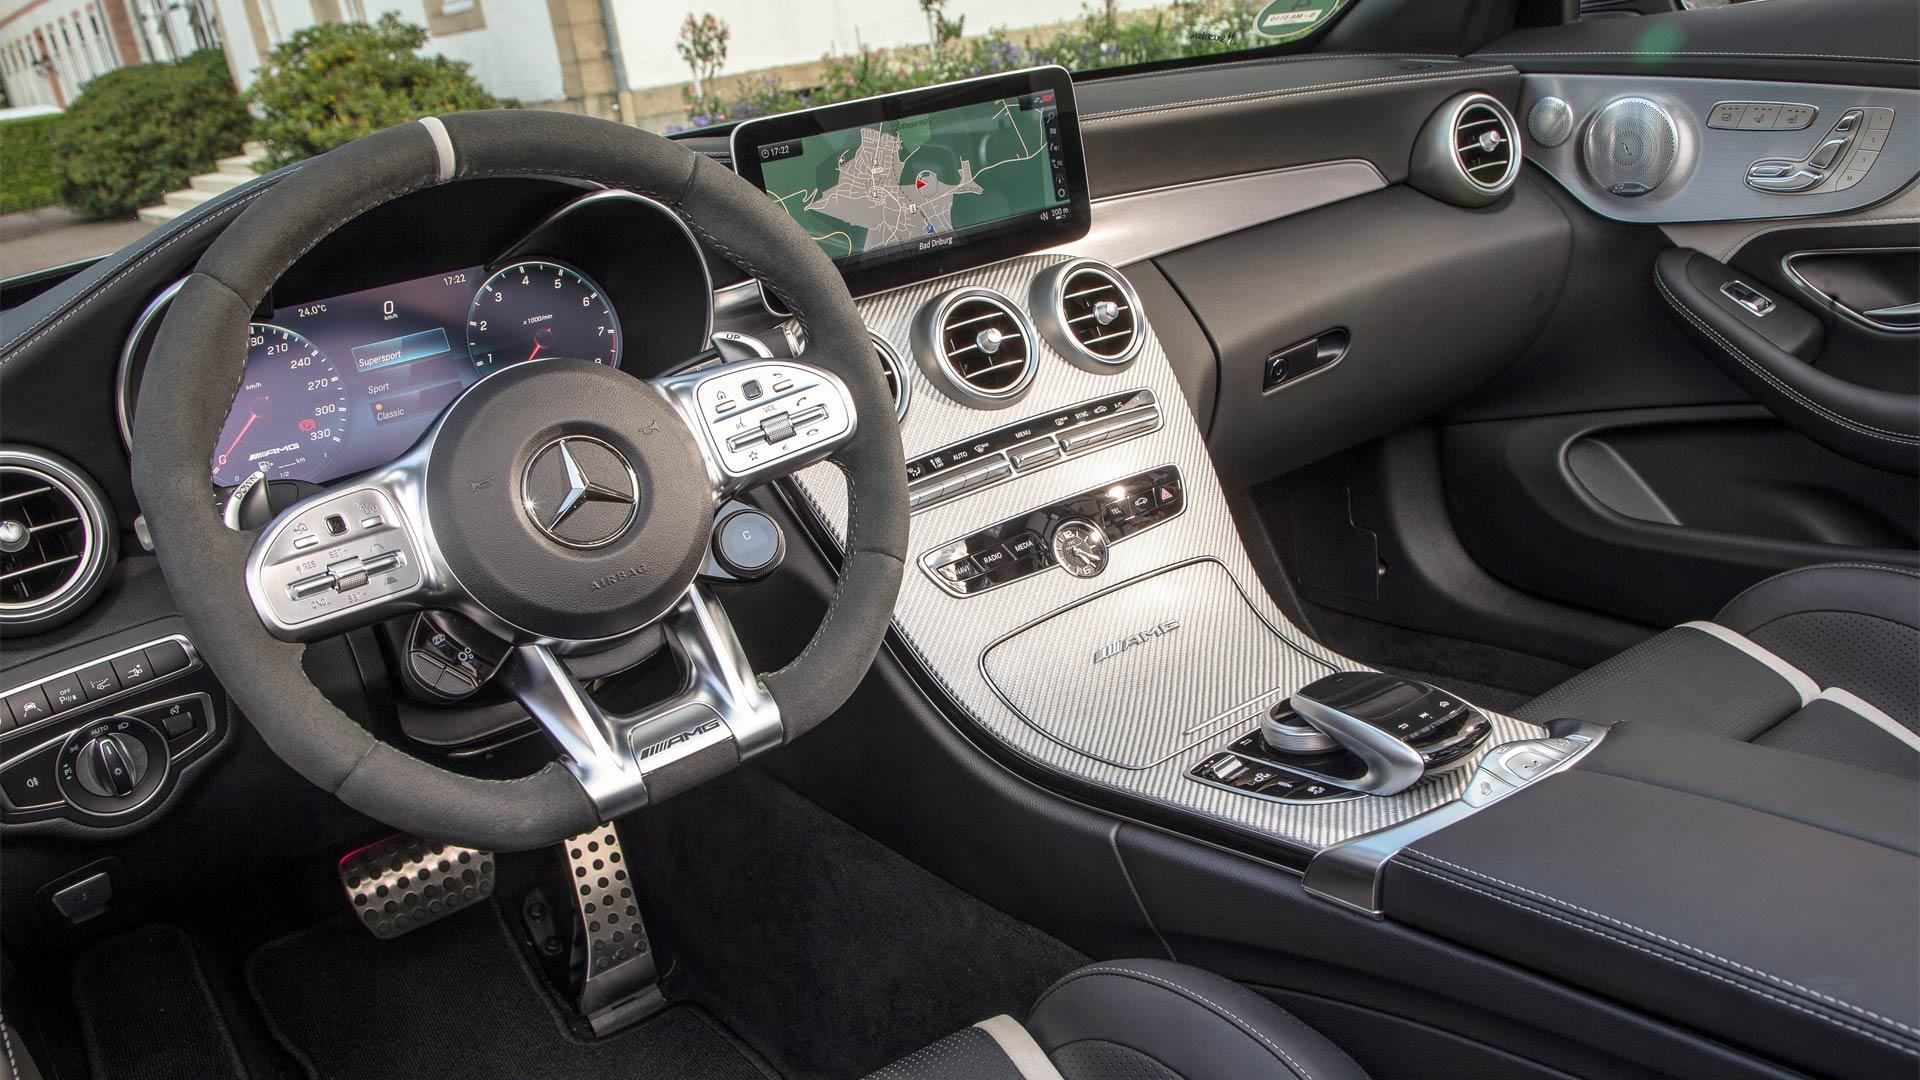 2019-Mercedes-AMG-C-63-S-Cabriolet-interior